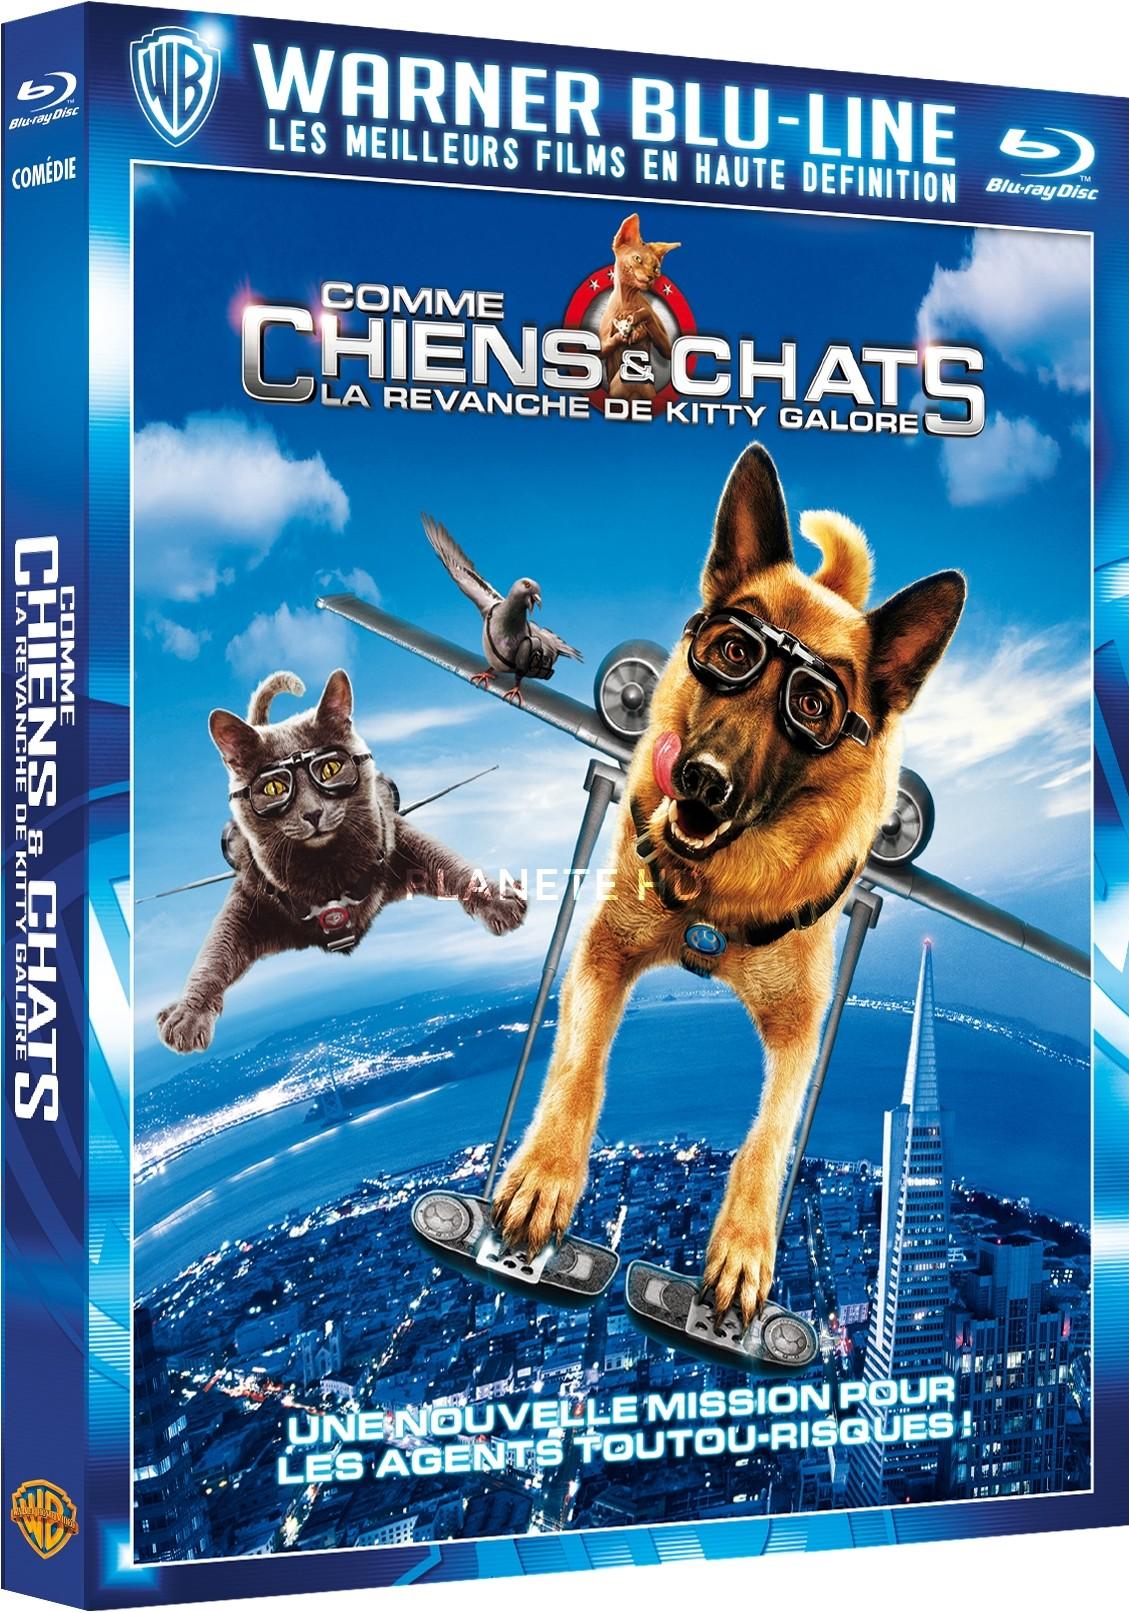 Comme Chiens et Chats 2 : La revanche de Kitty Galore 0 - Comme Chiens et Chats 2 : La revanche de Kitty Galore